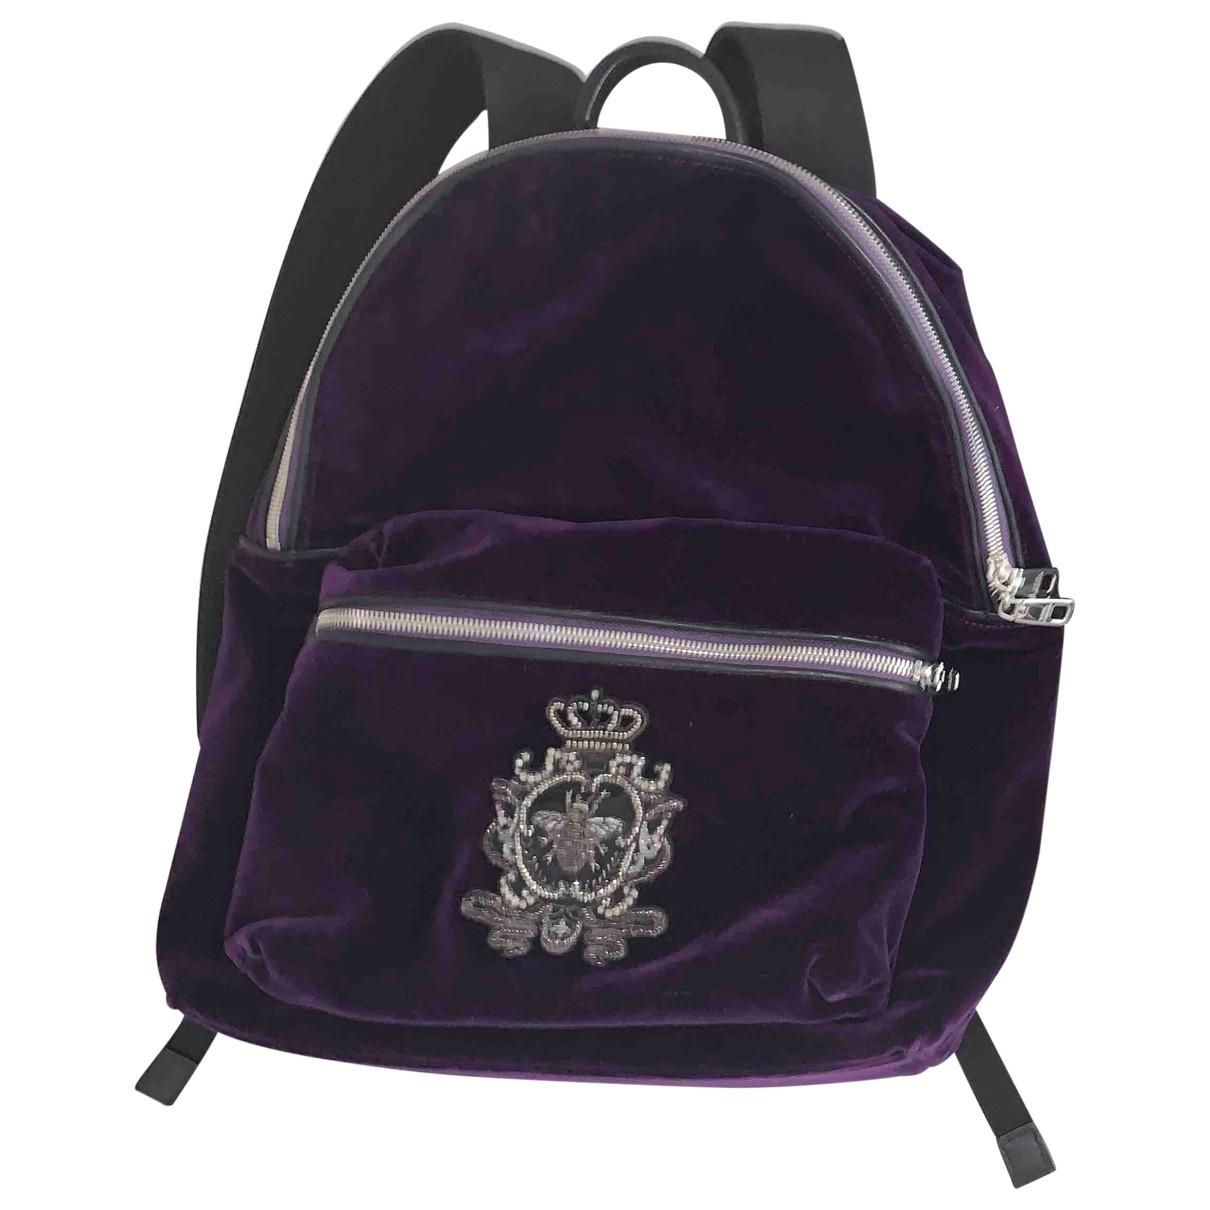 Dolce & Gabbana - Sac a dos   pour femme en velours - violet